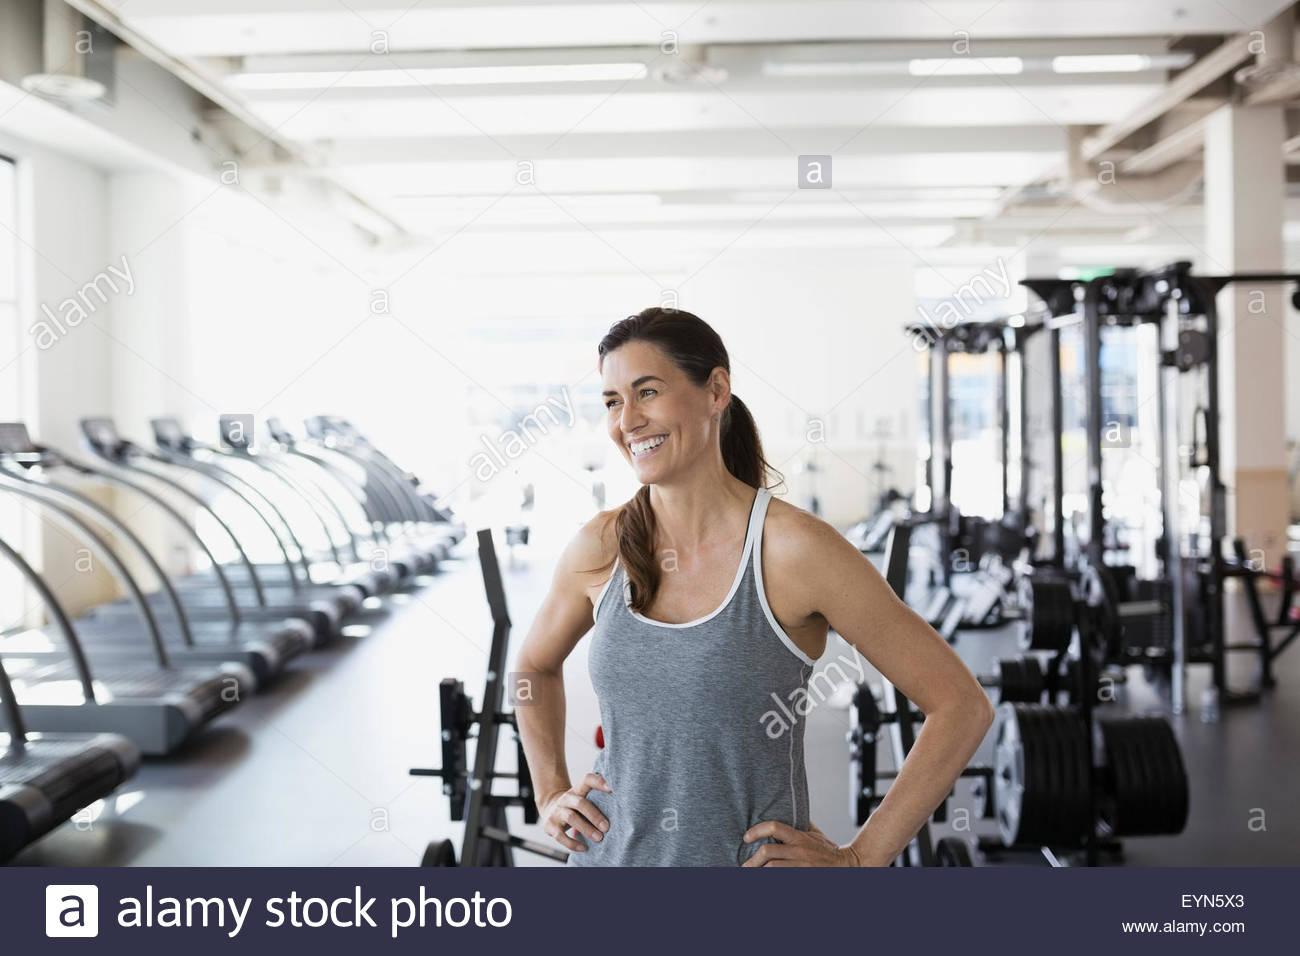 Lachen Frau wegsehen in Turnhalle Stockbild